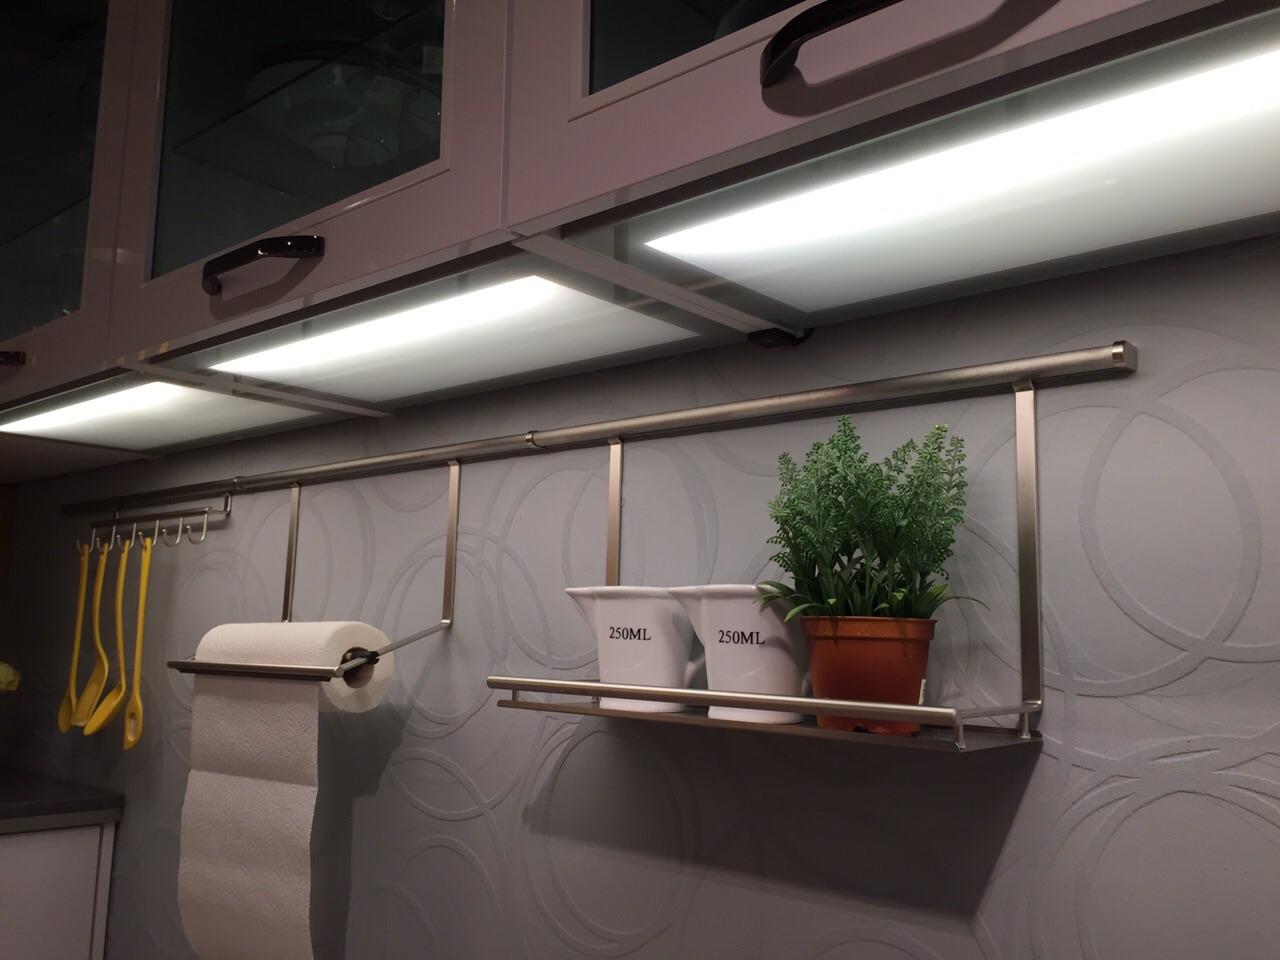 Full Size of Led Beleuchtung Küche Arbeitsplatten Sofa Grau Leder Singleküche Mit E Geräten Hochschrank Gardinen Für Die Braun Unterschrank Vorratsdosen Holz Modern Küche Led Beleuchtung Küche